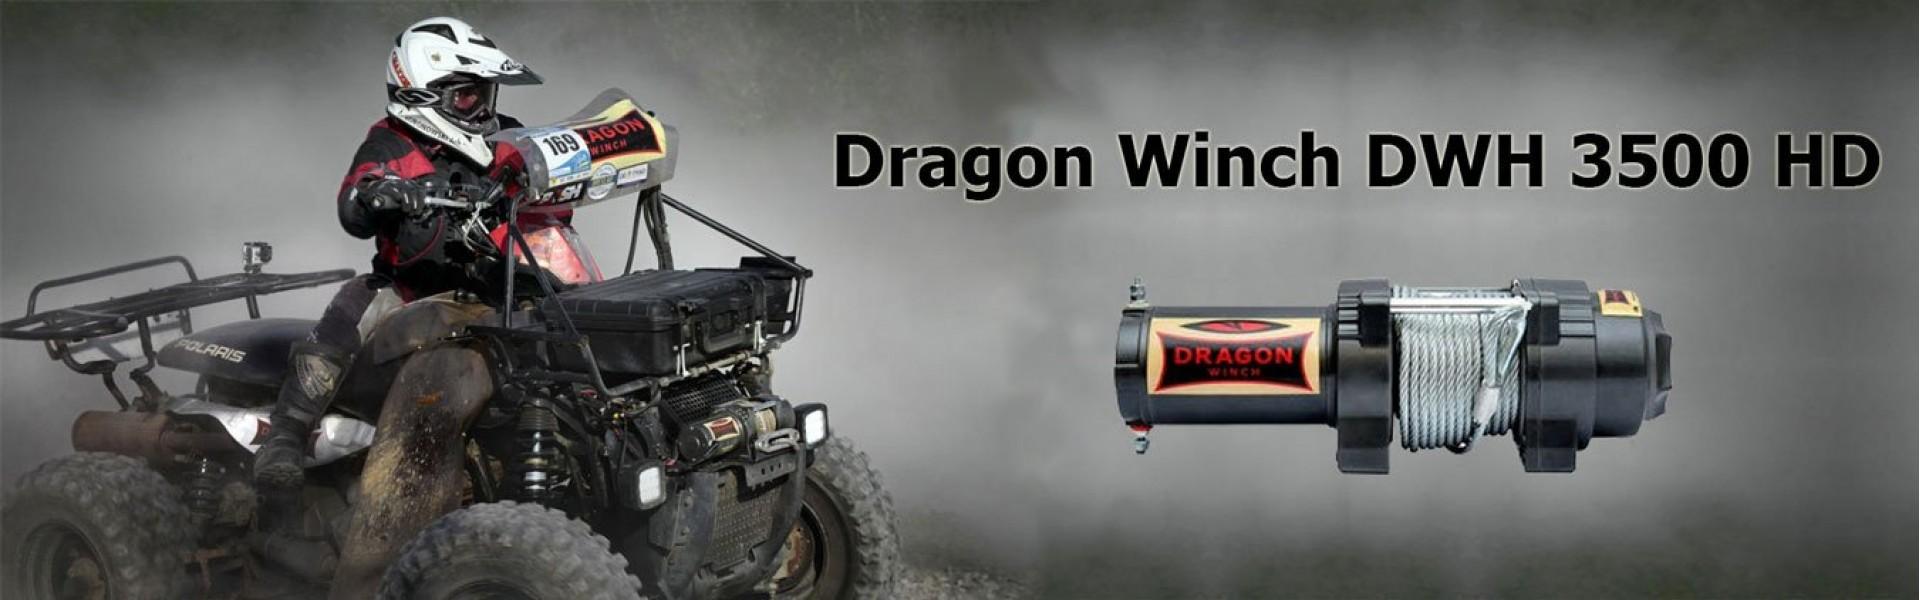 Dragon Winch DWH 3500 HD